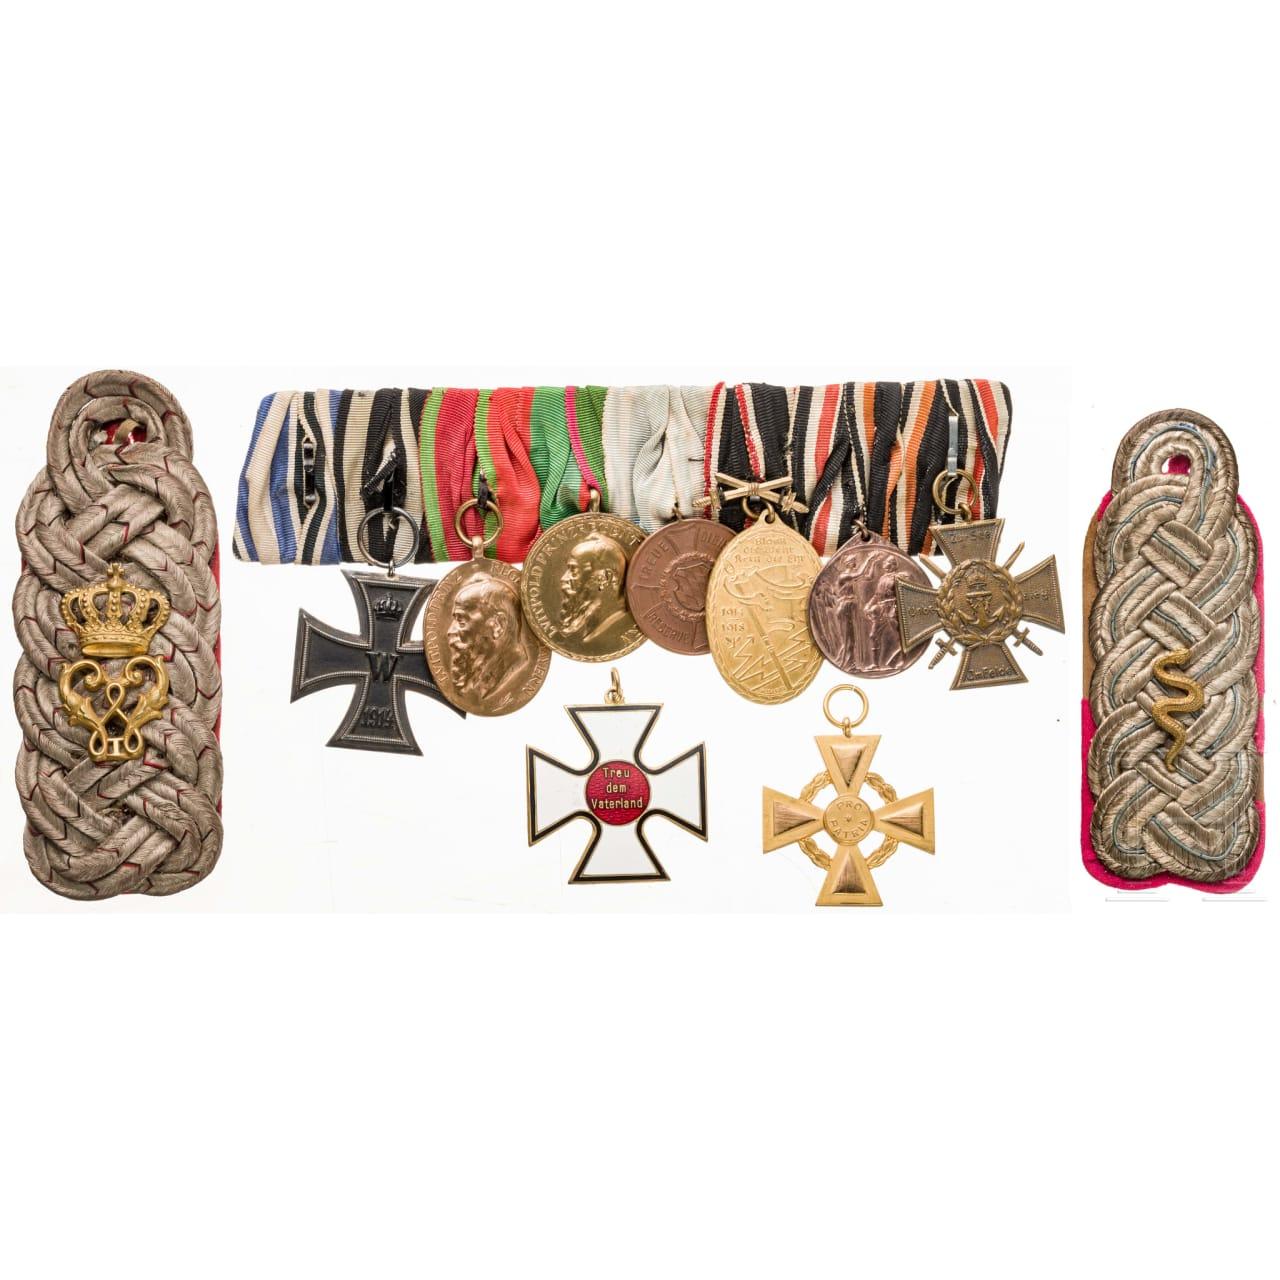 Achtteilige Ordensschnalle eines bayerischen Offiziers